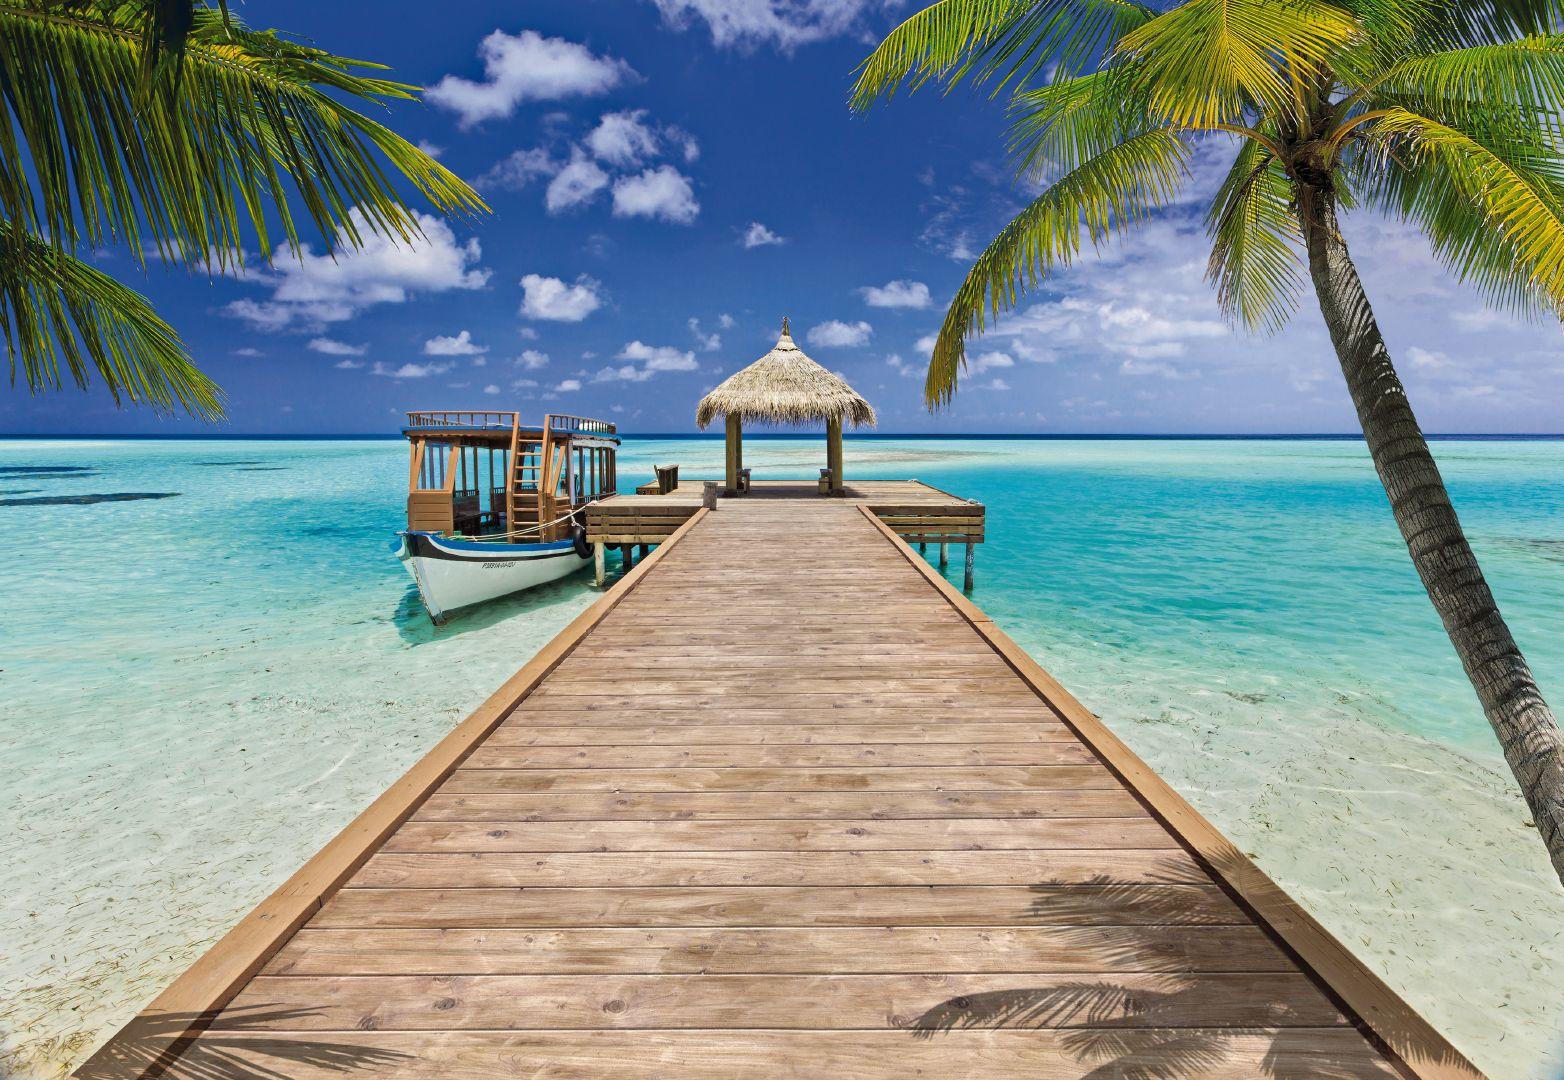 Картинки моря и пляжа красивые